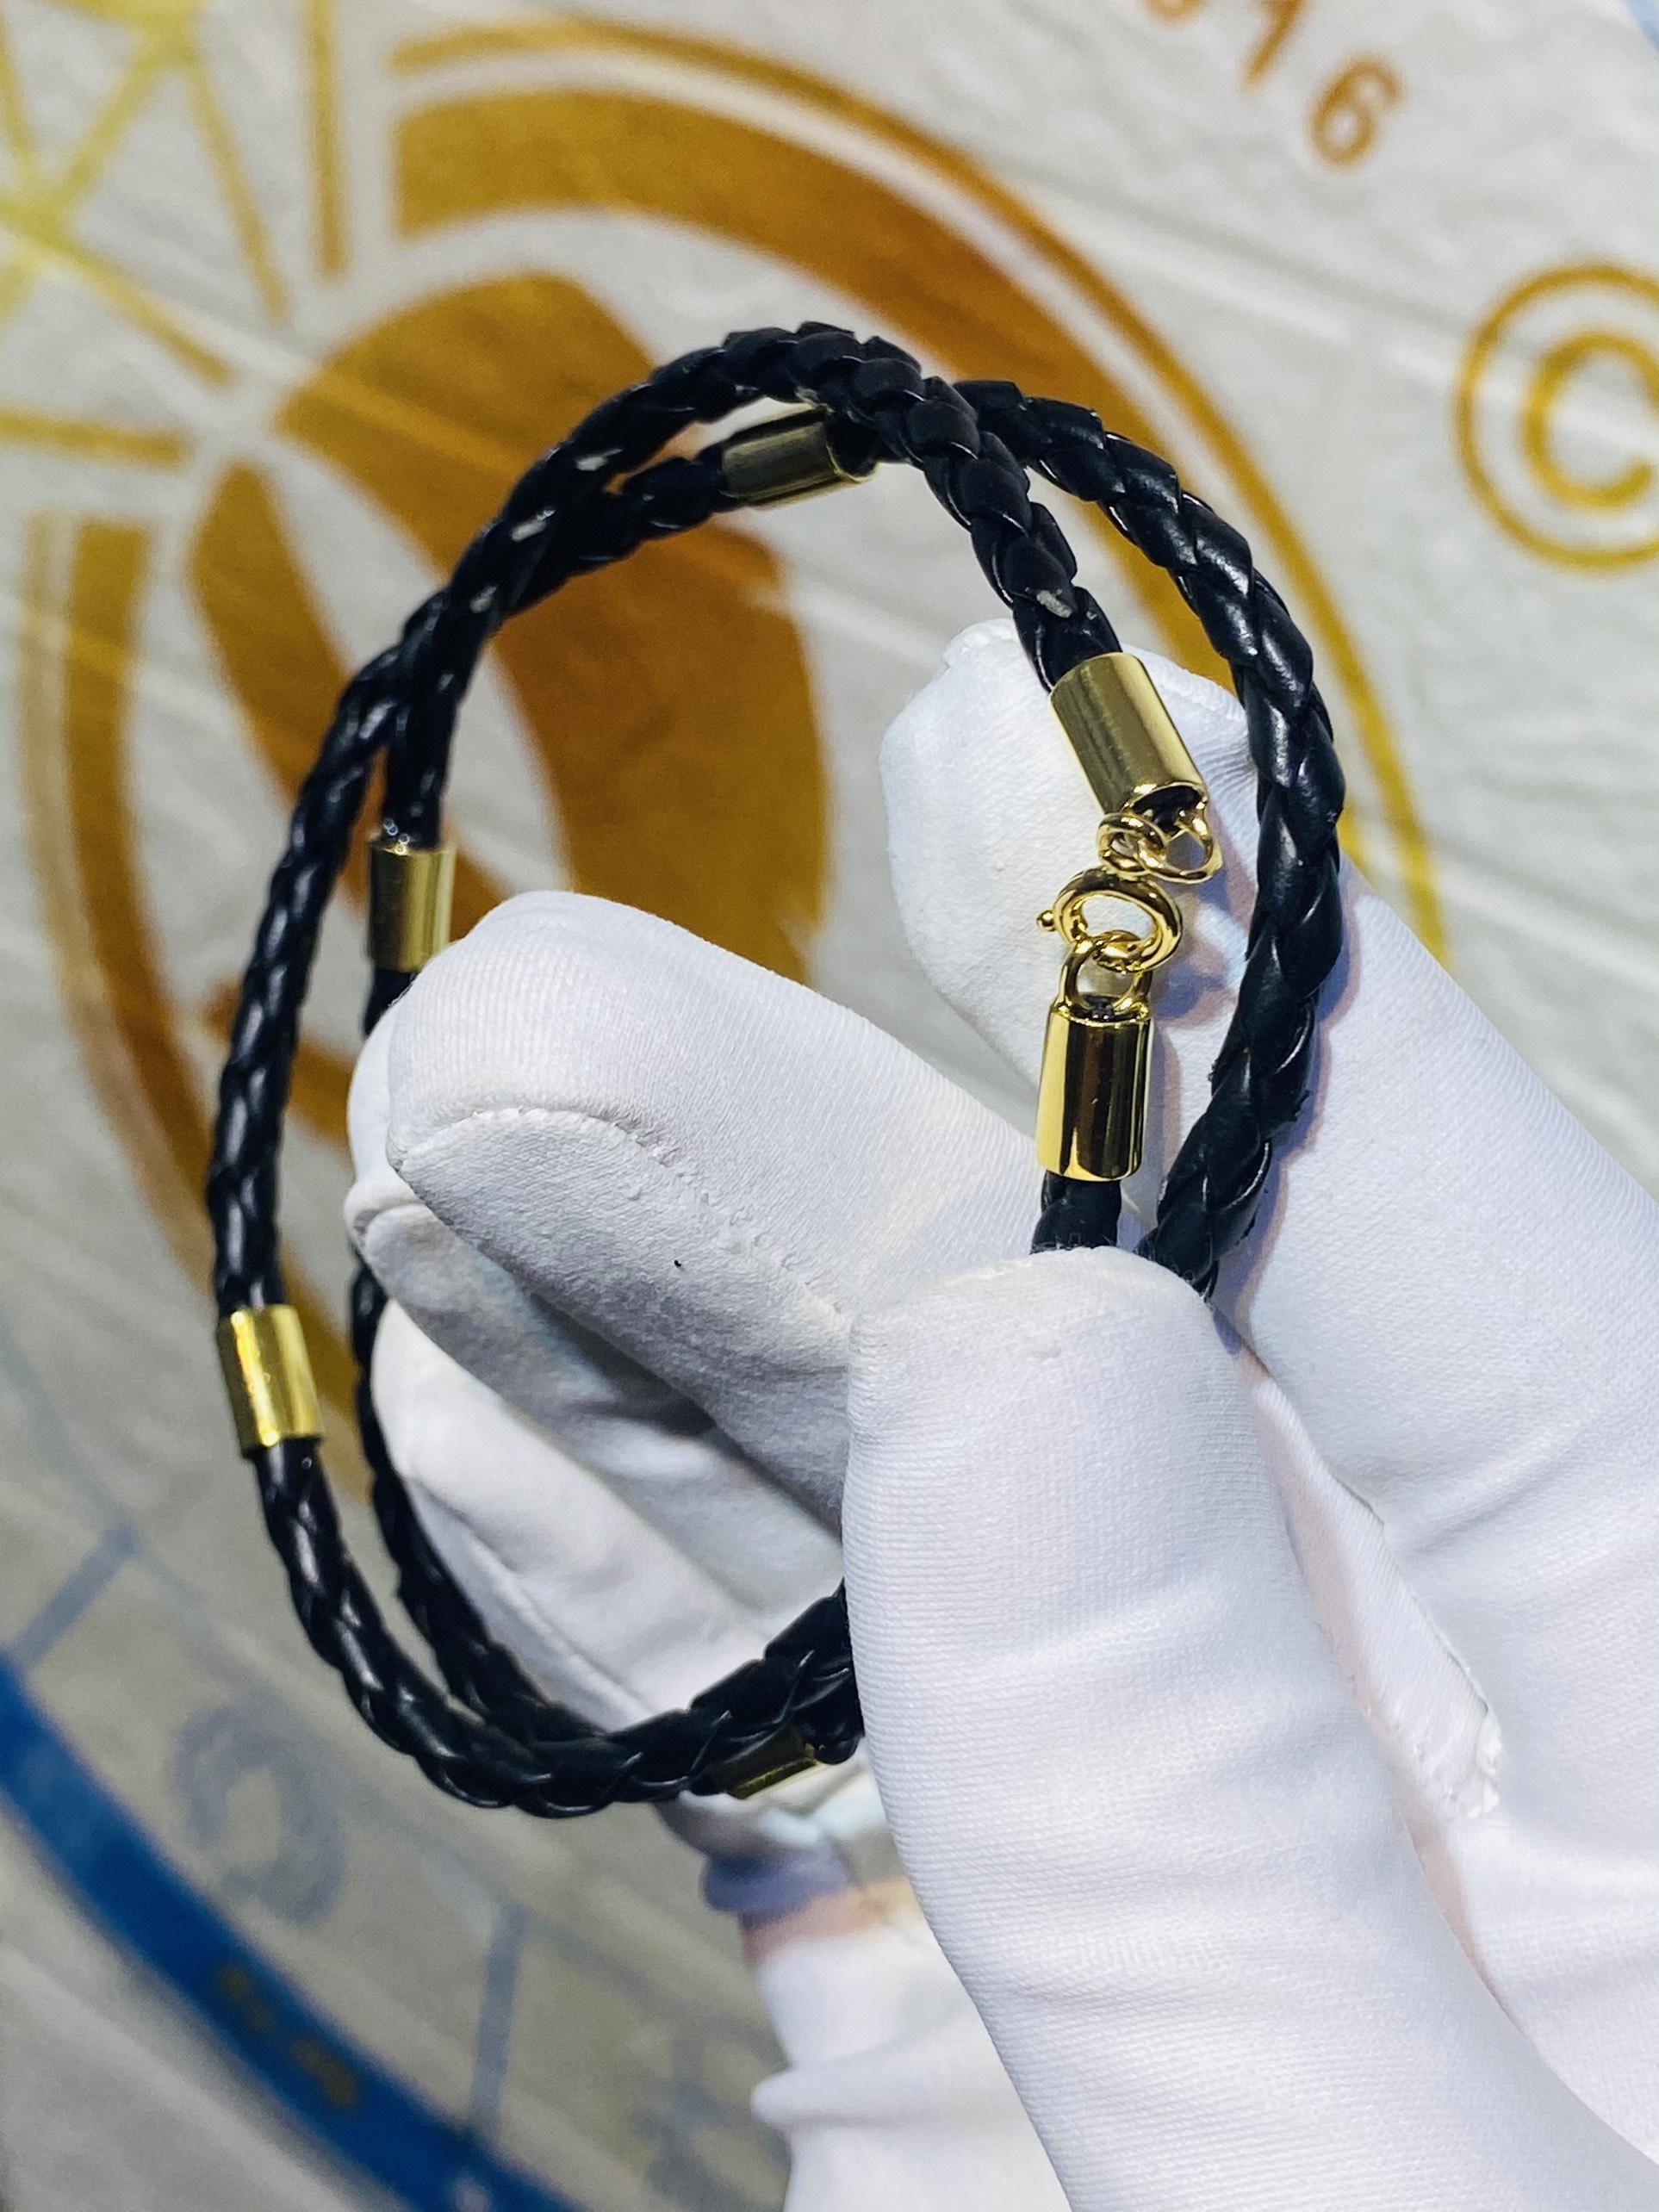 dây chuyền da bọc vàng 18K rẻ đẹp năm 2021